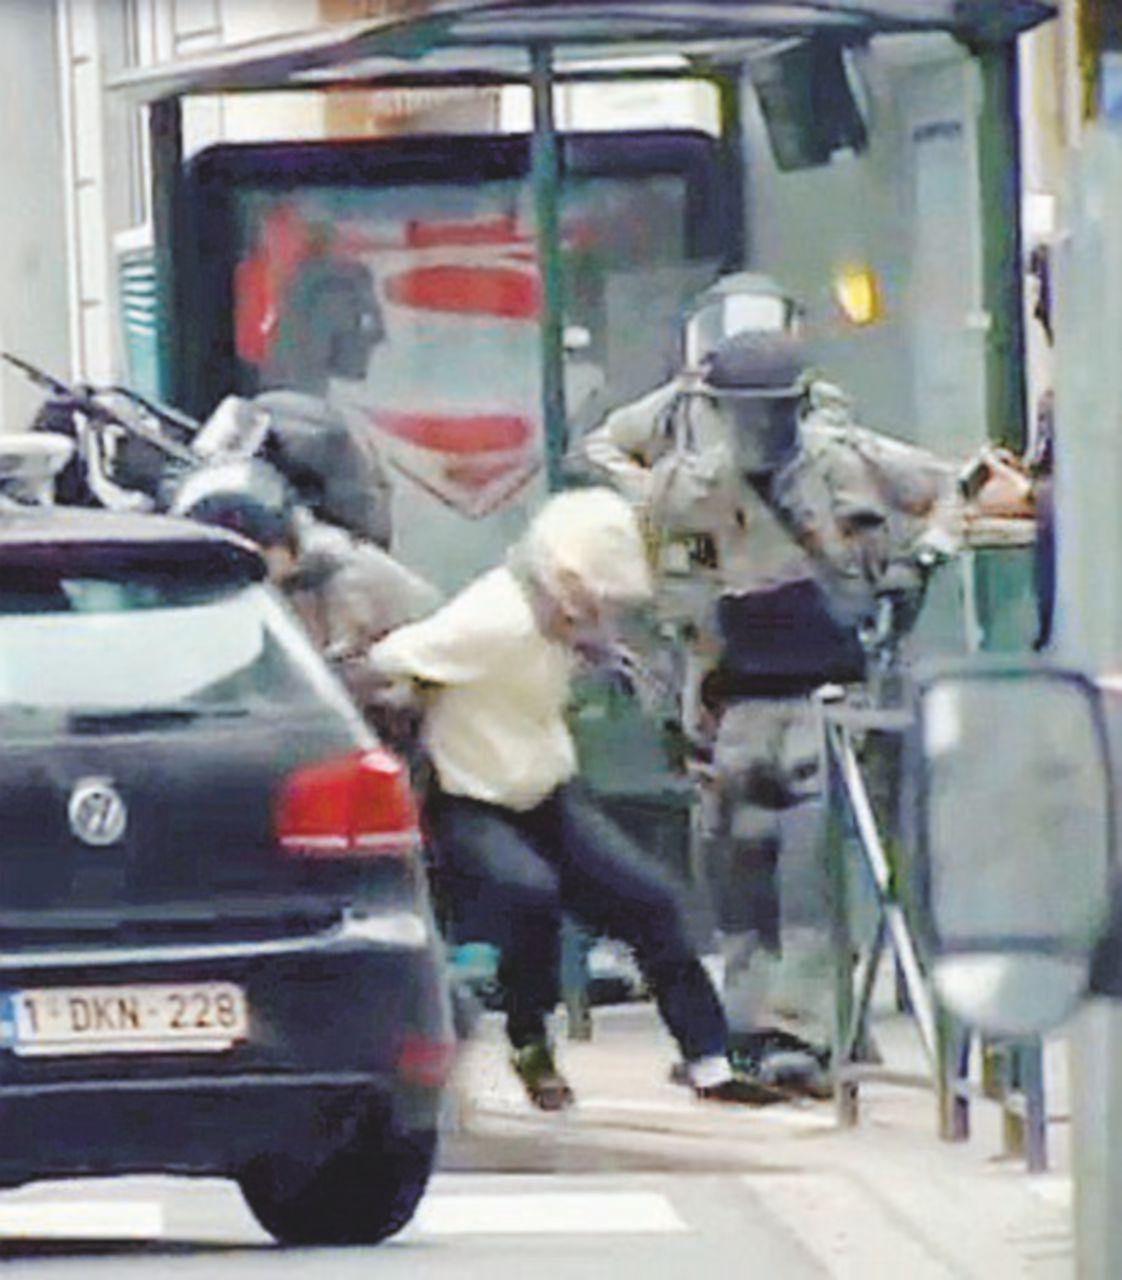 Benvenuti nel Bruxellistan, dove il jihad è ancora un valore